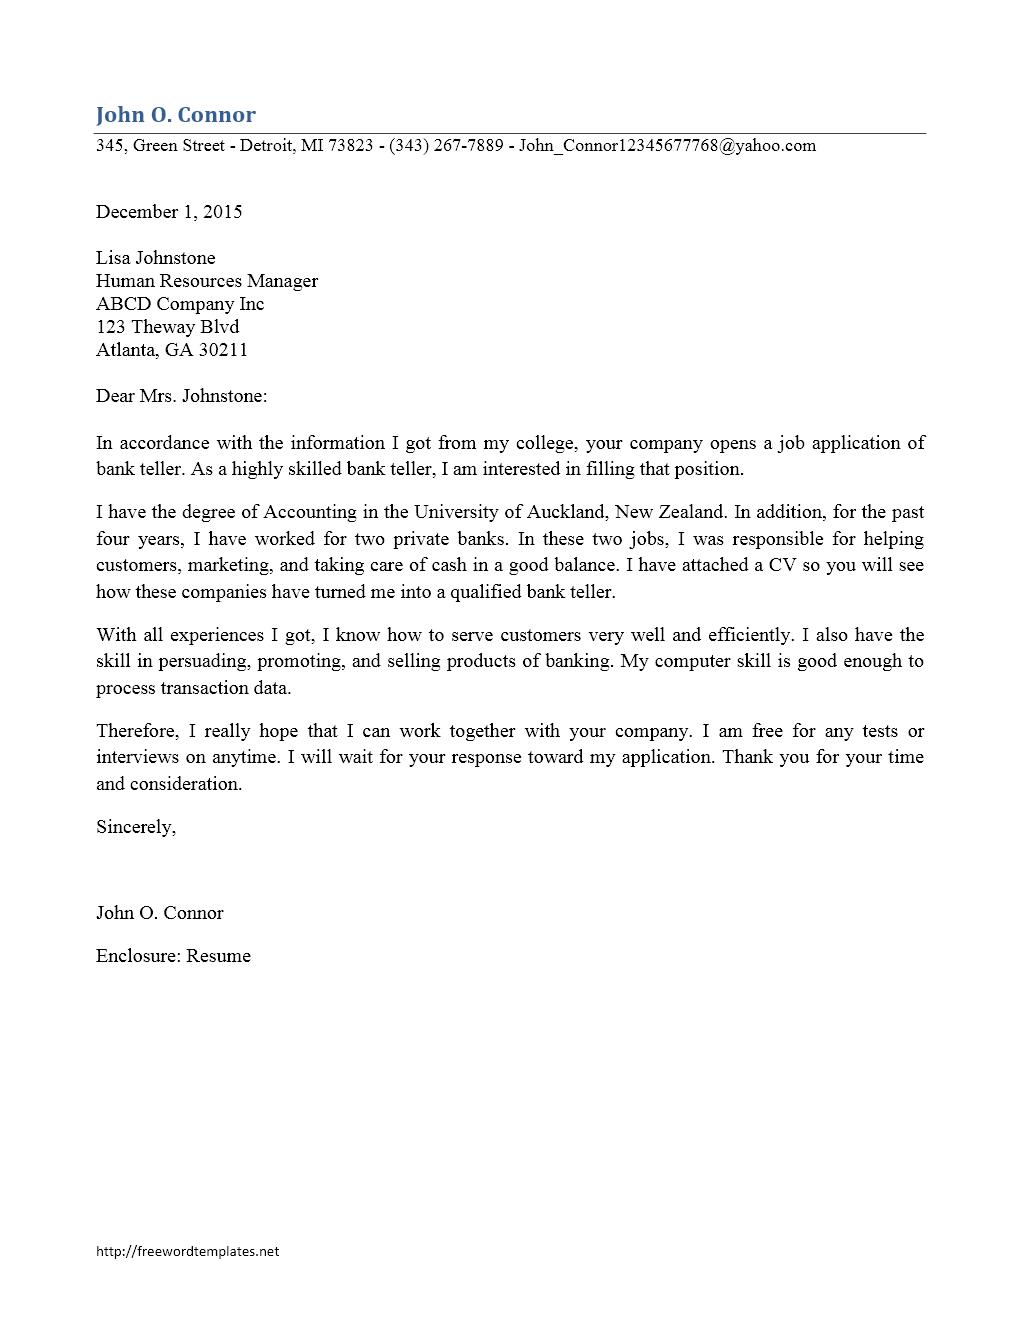 Bank Teller Resume Cover Letter Template - All New Resume ...